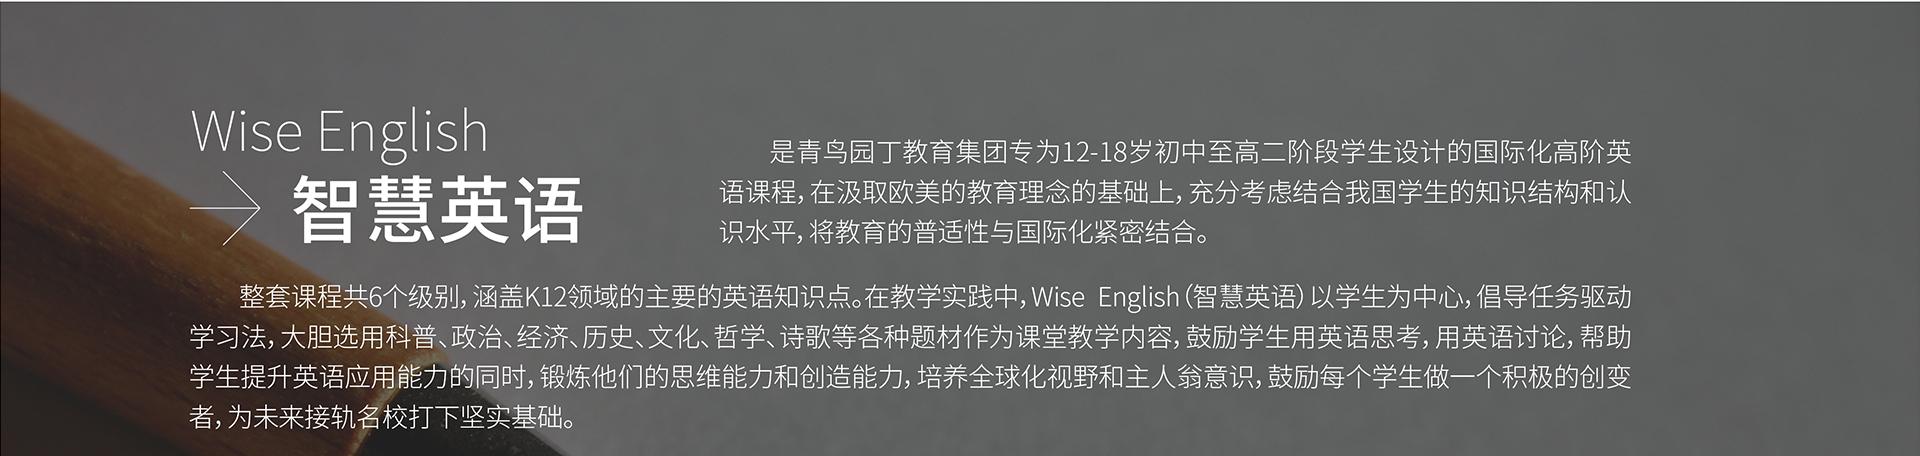 青鸟园丁学习馆qnyd_13